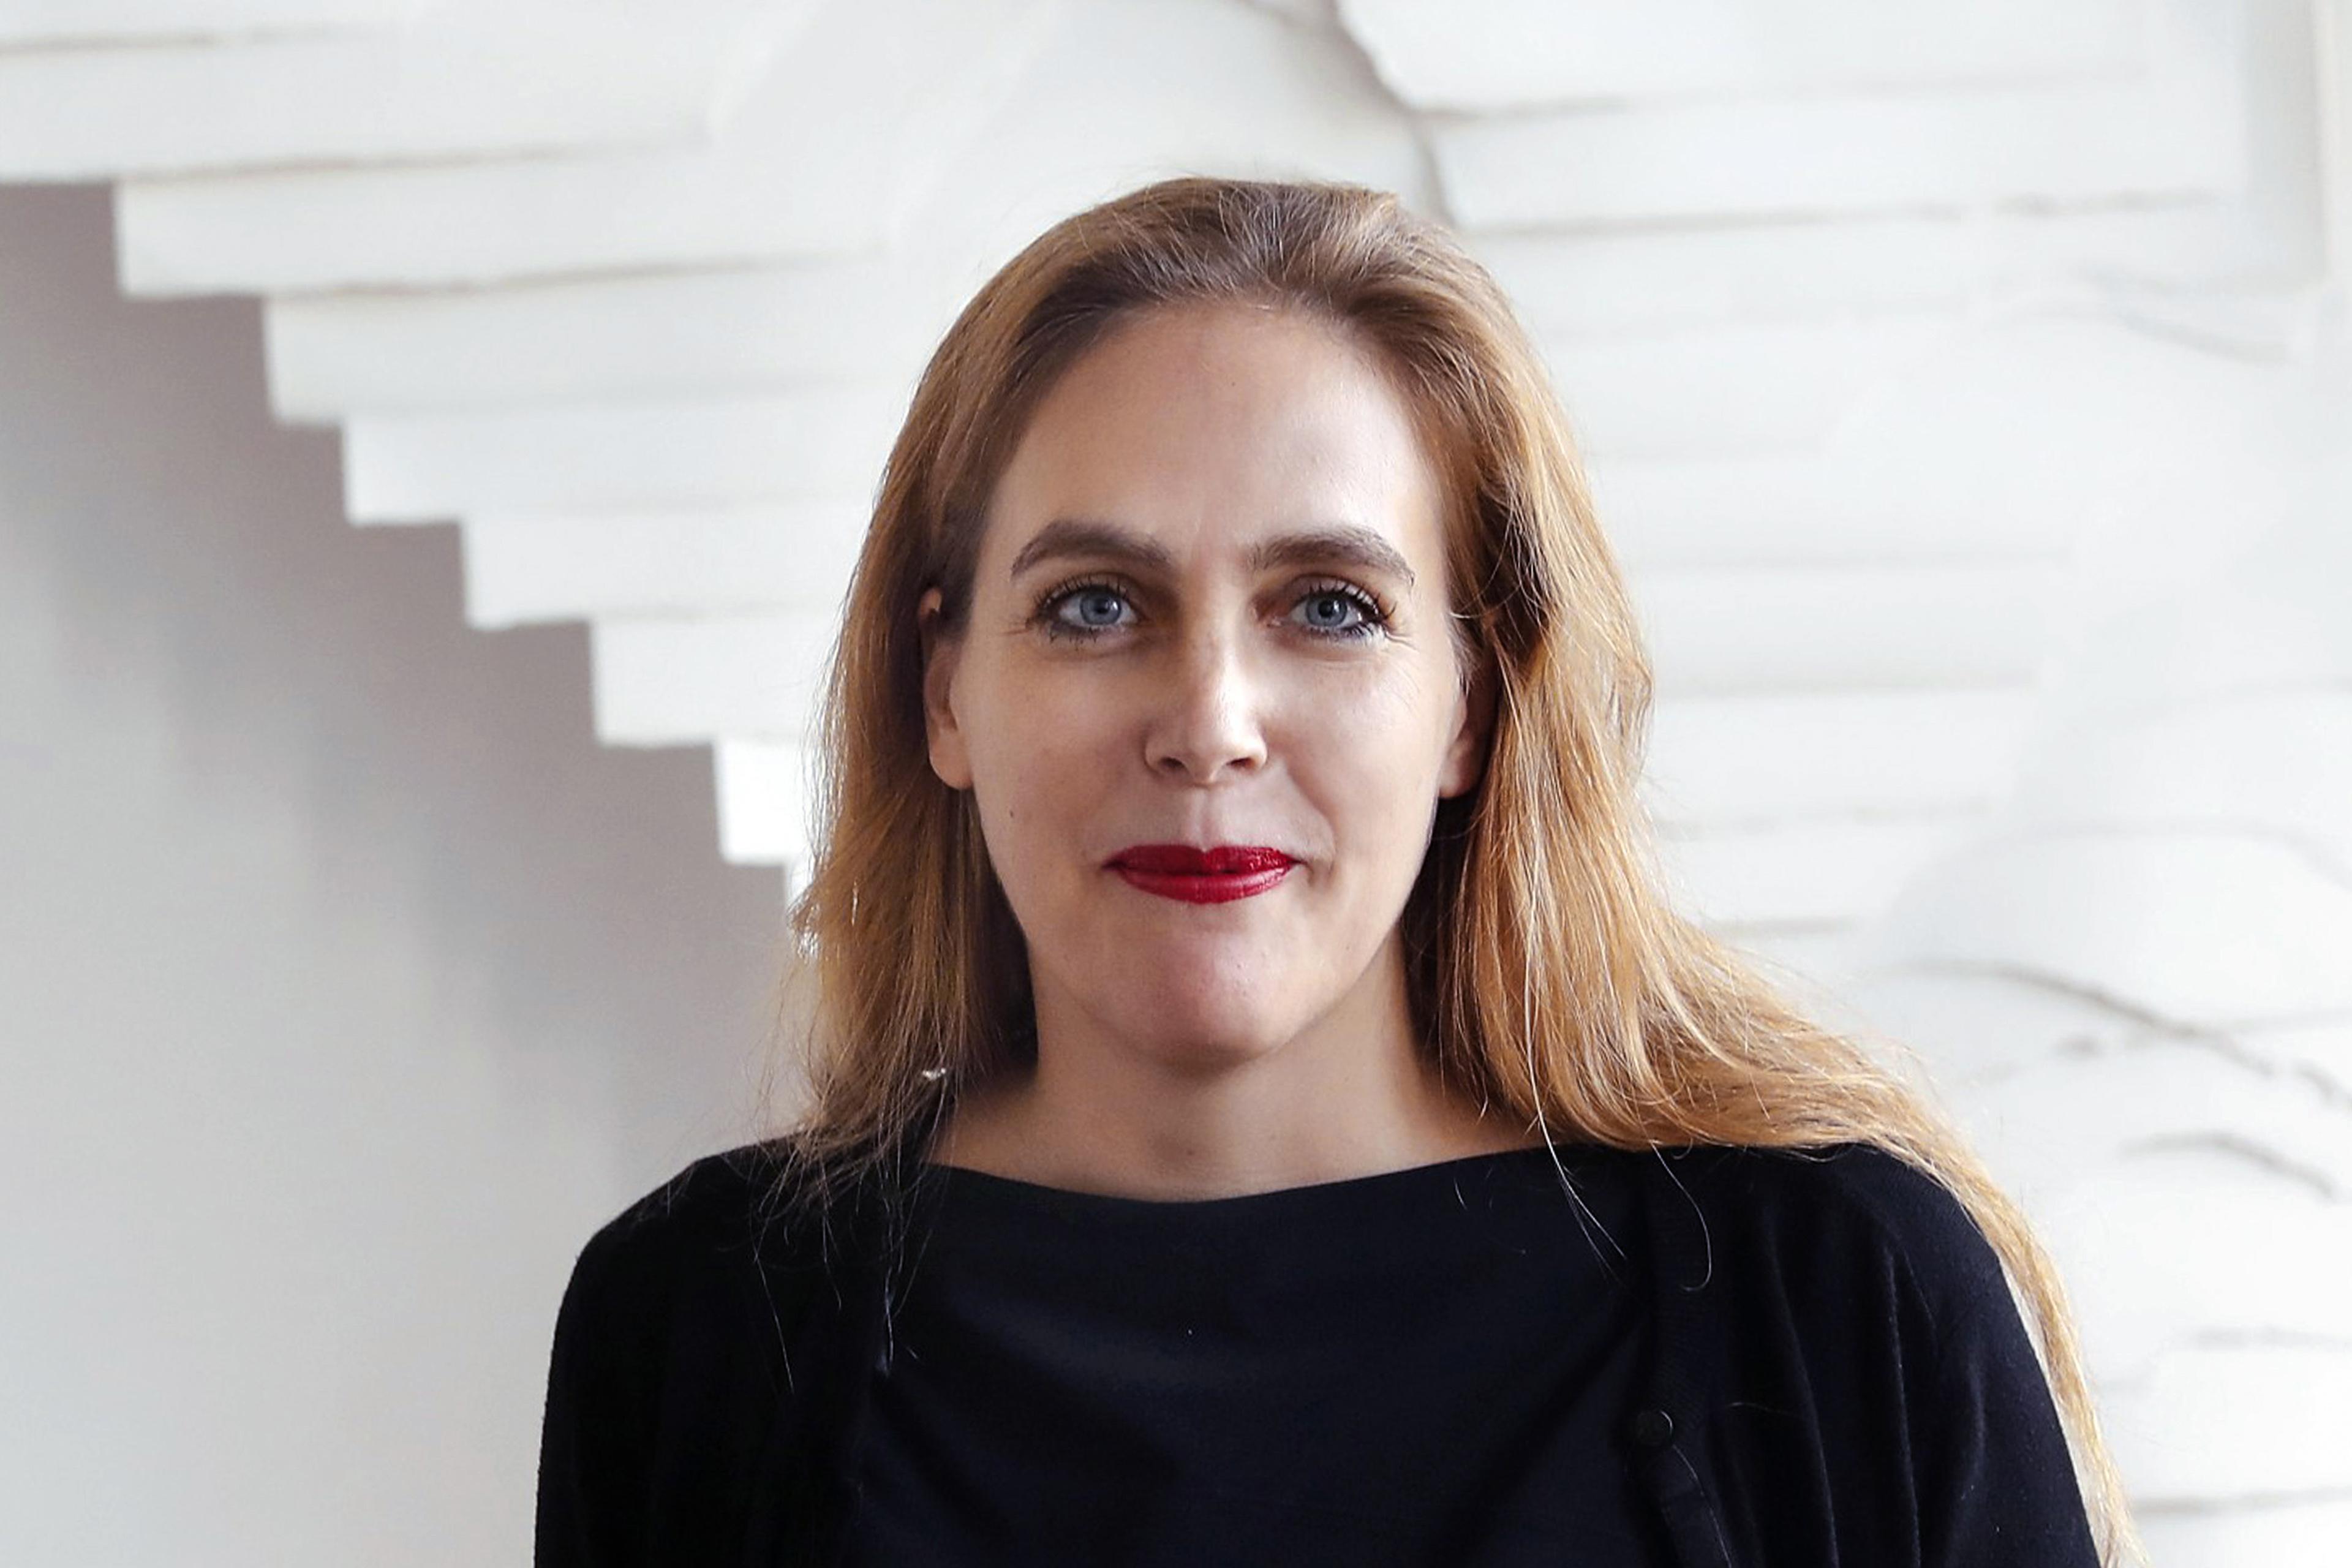 A portrait of Susanne Pfeffer